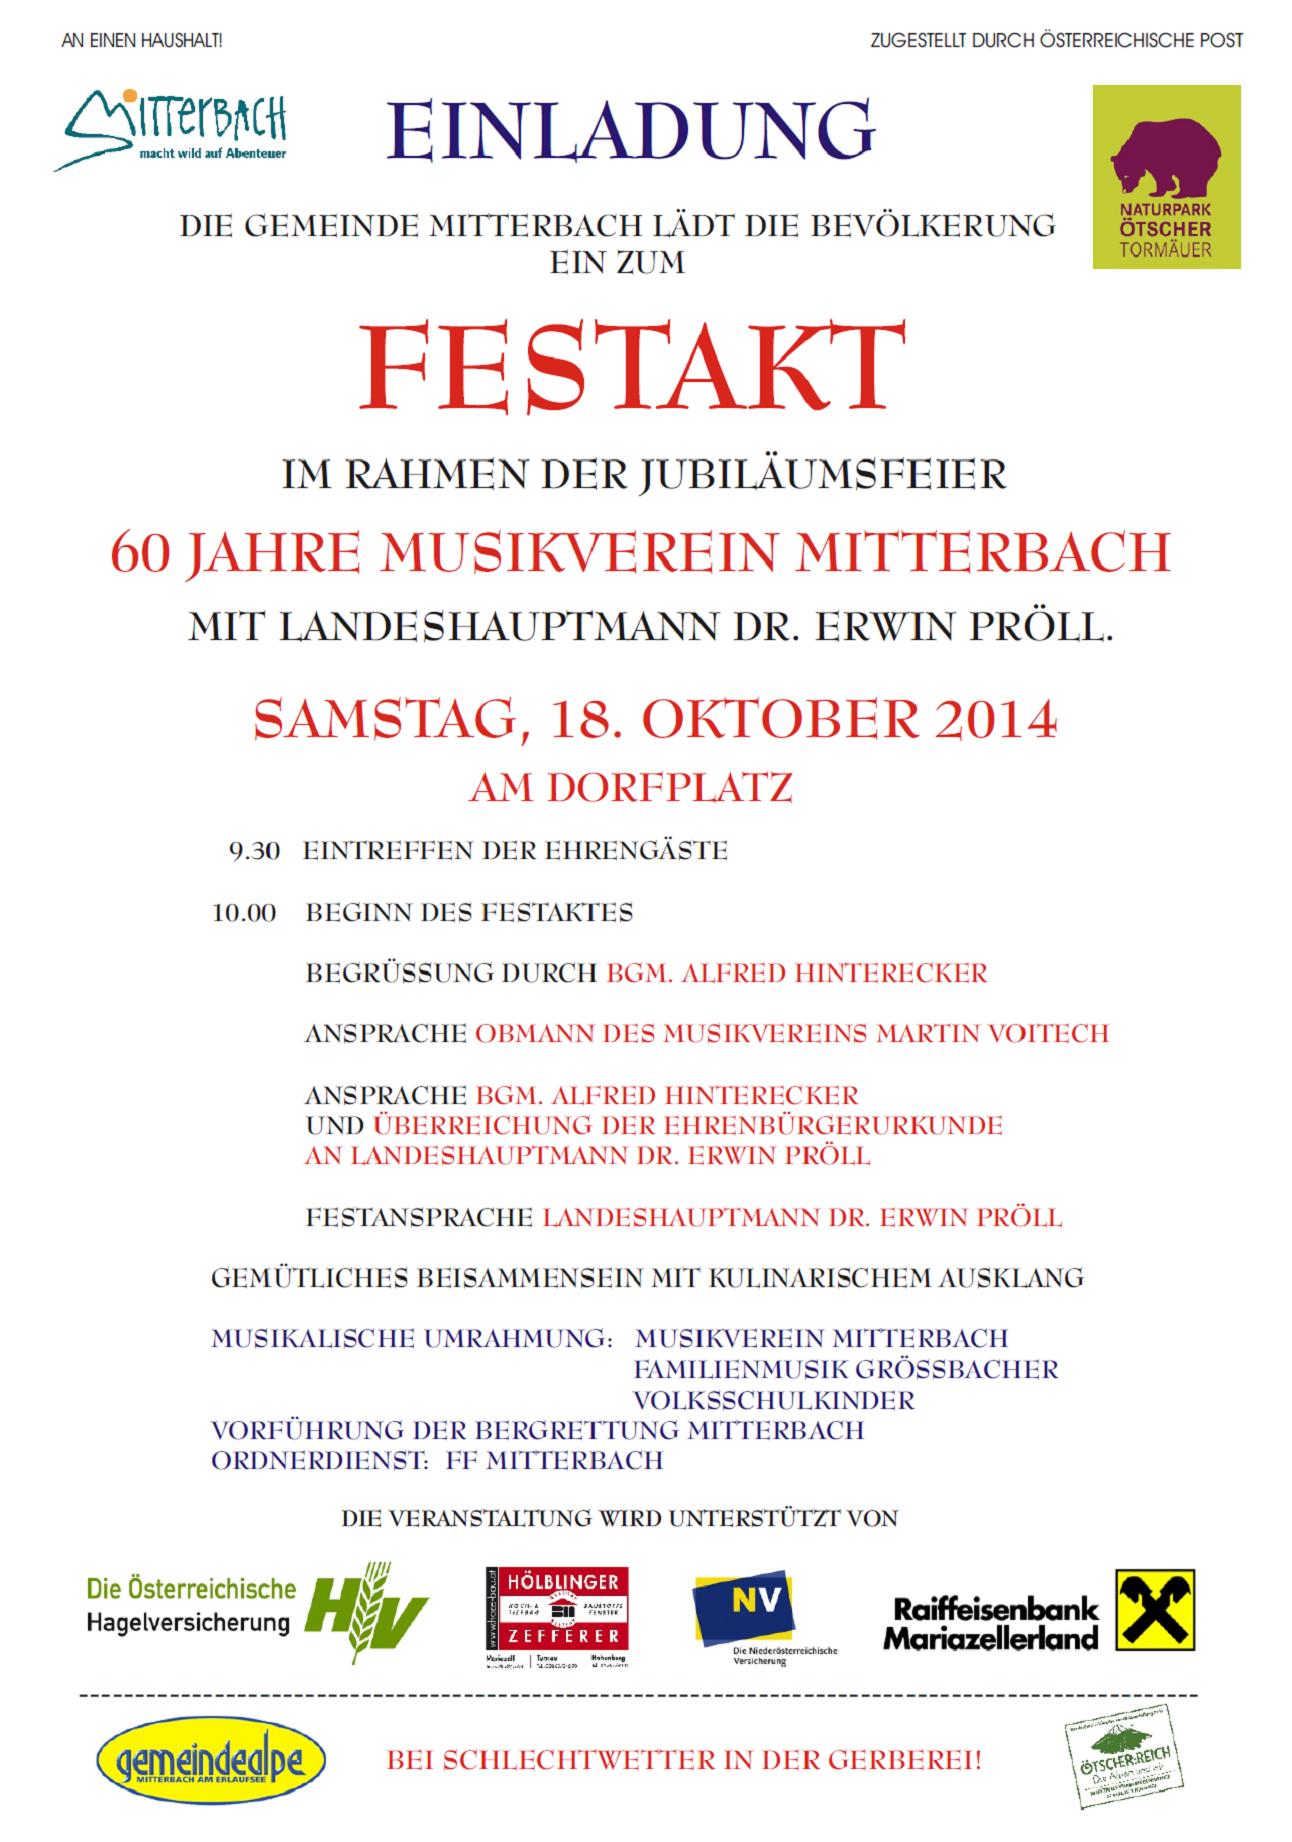 Einladung_Festakt